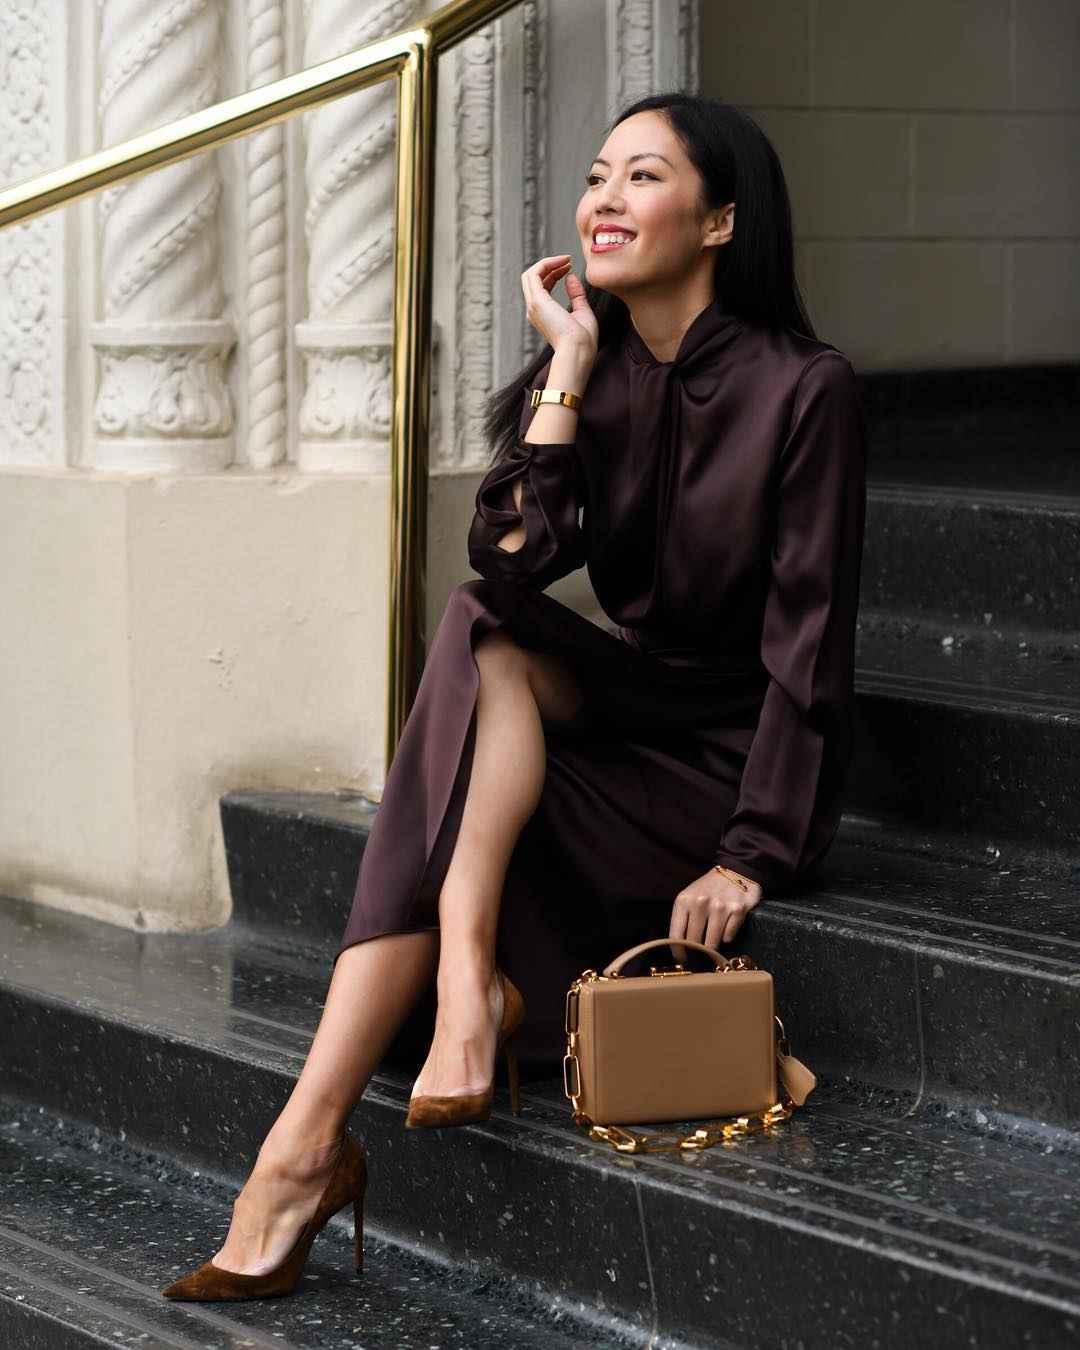 Деловые платья для женщин фото идеи_12